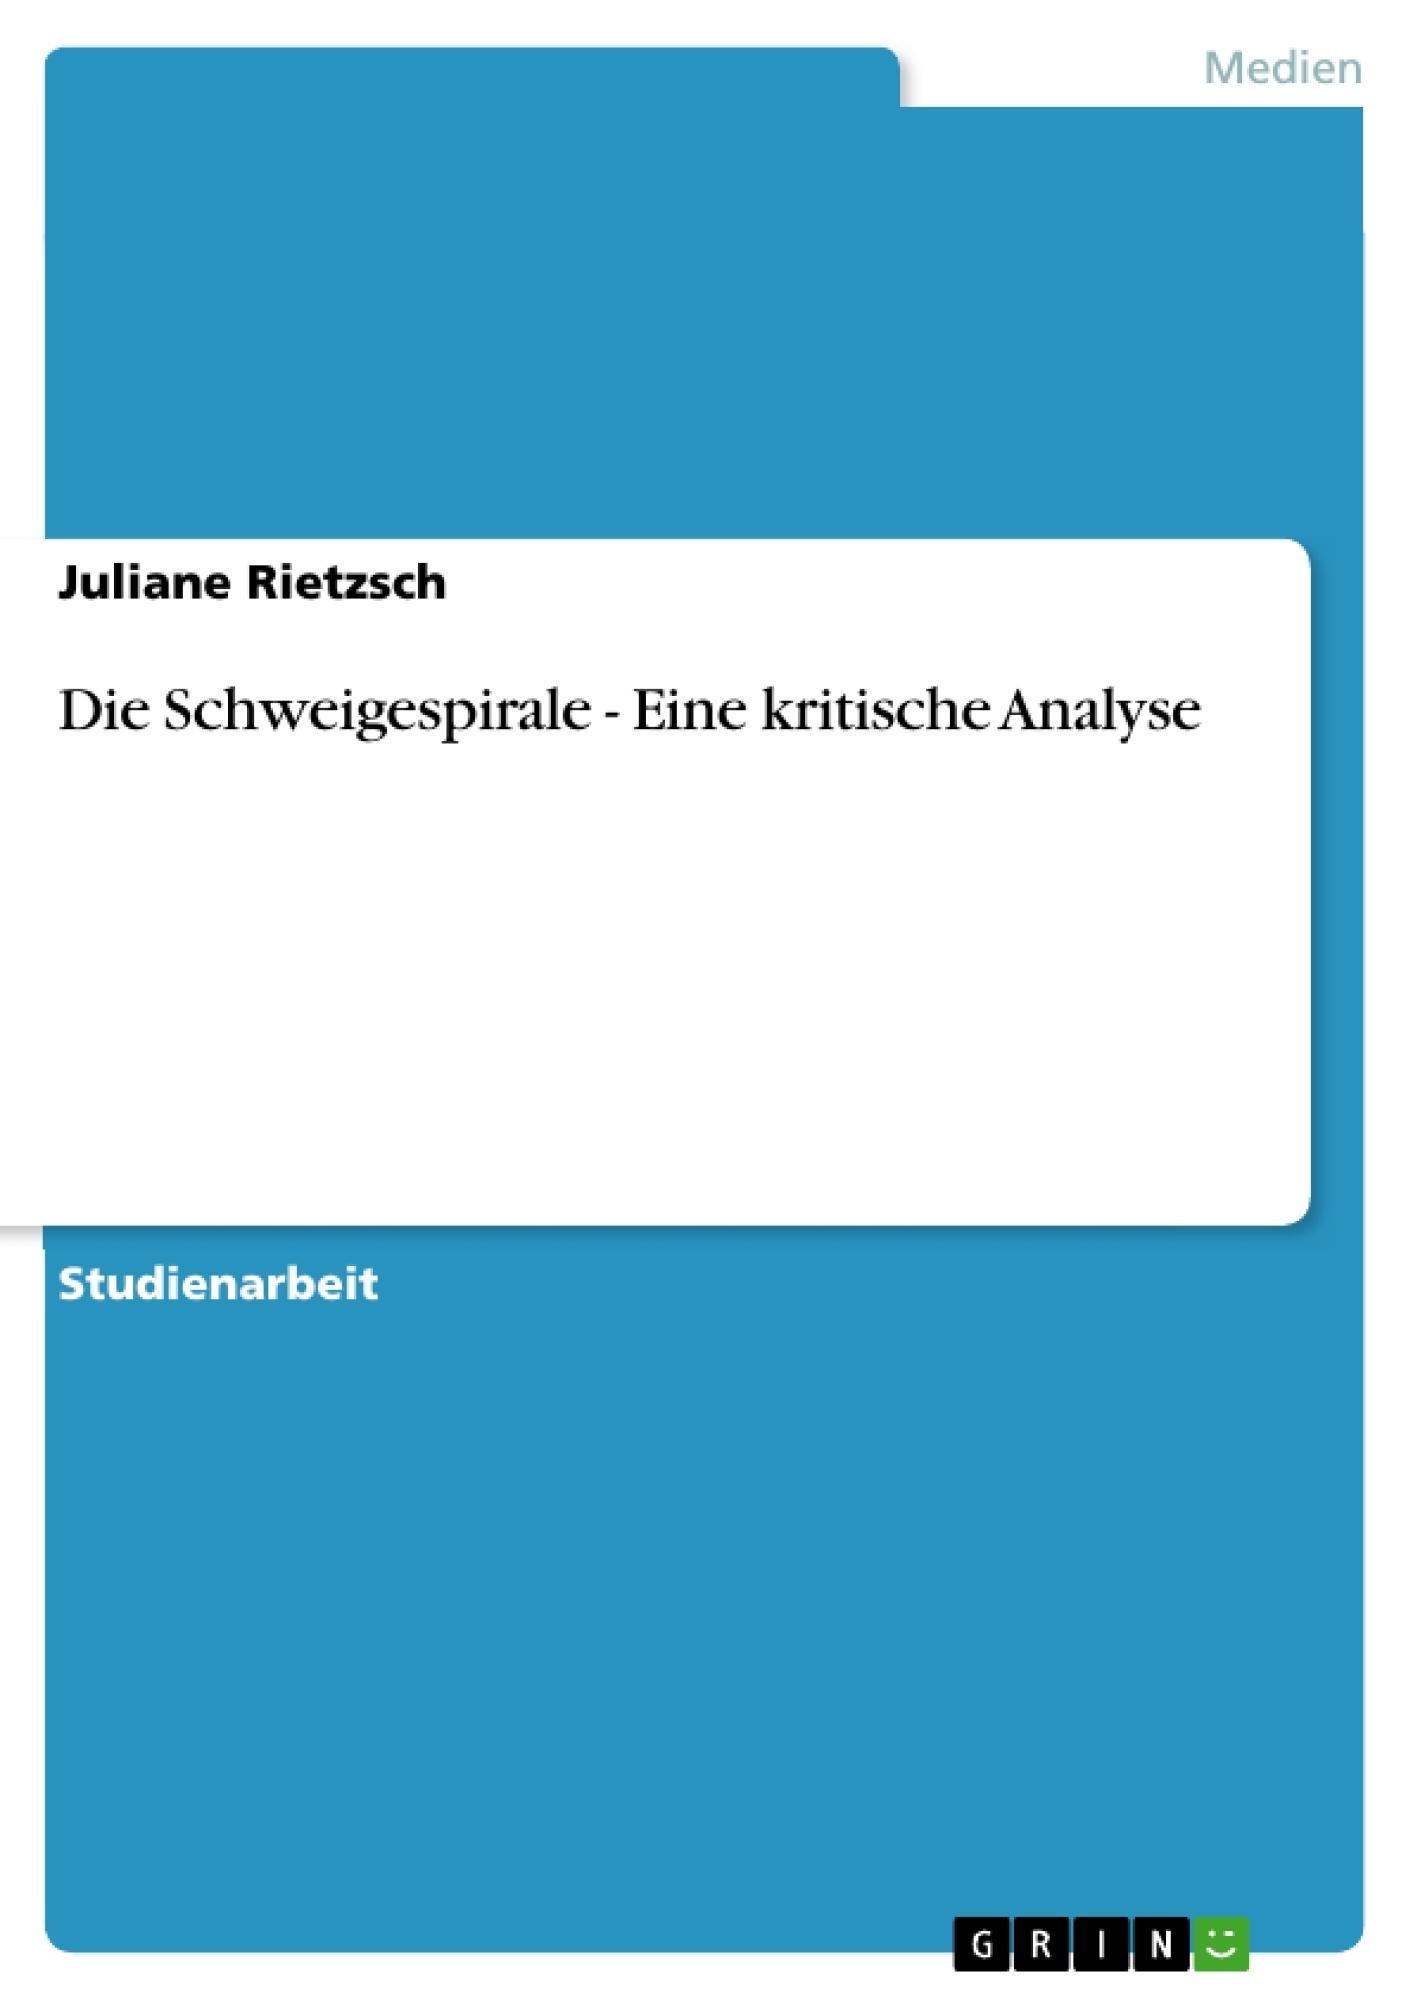 Titel: Die Schweigespirale - Eine kritische Analyse